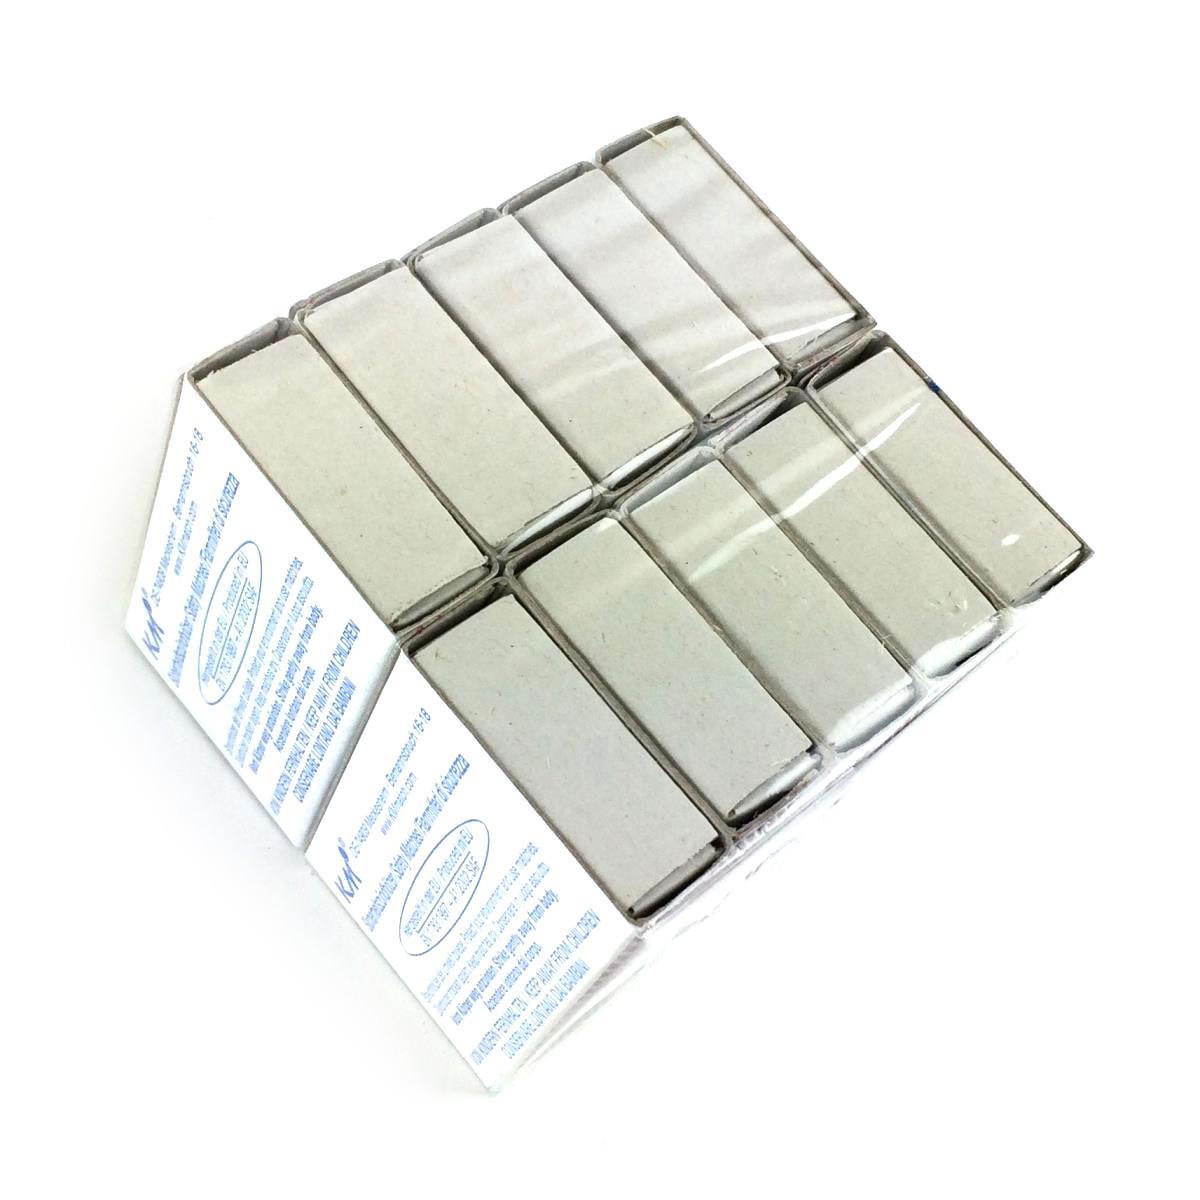 120 Stück Schachteln Europa Streichhölzer, Zündhölzer, Zündholzschachtel,KM Zündholz International,4004753000504, 0676424767081